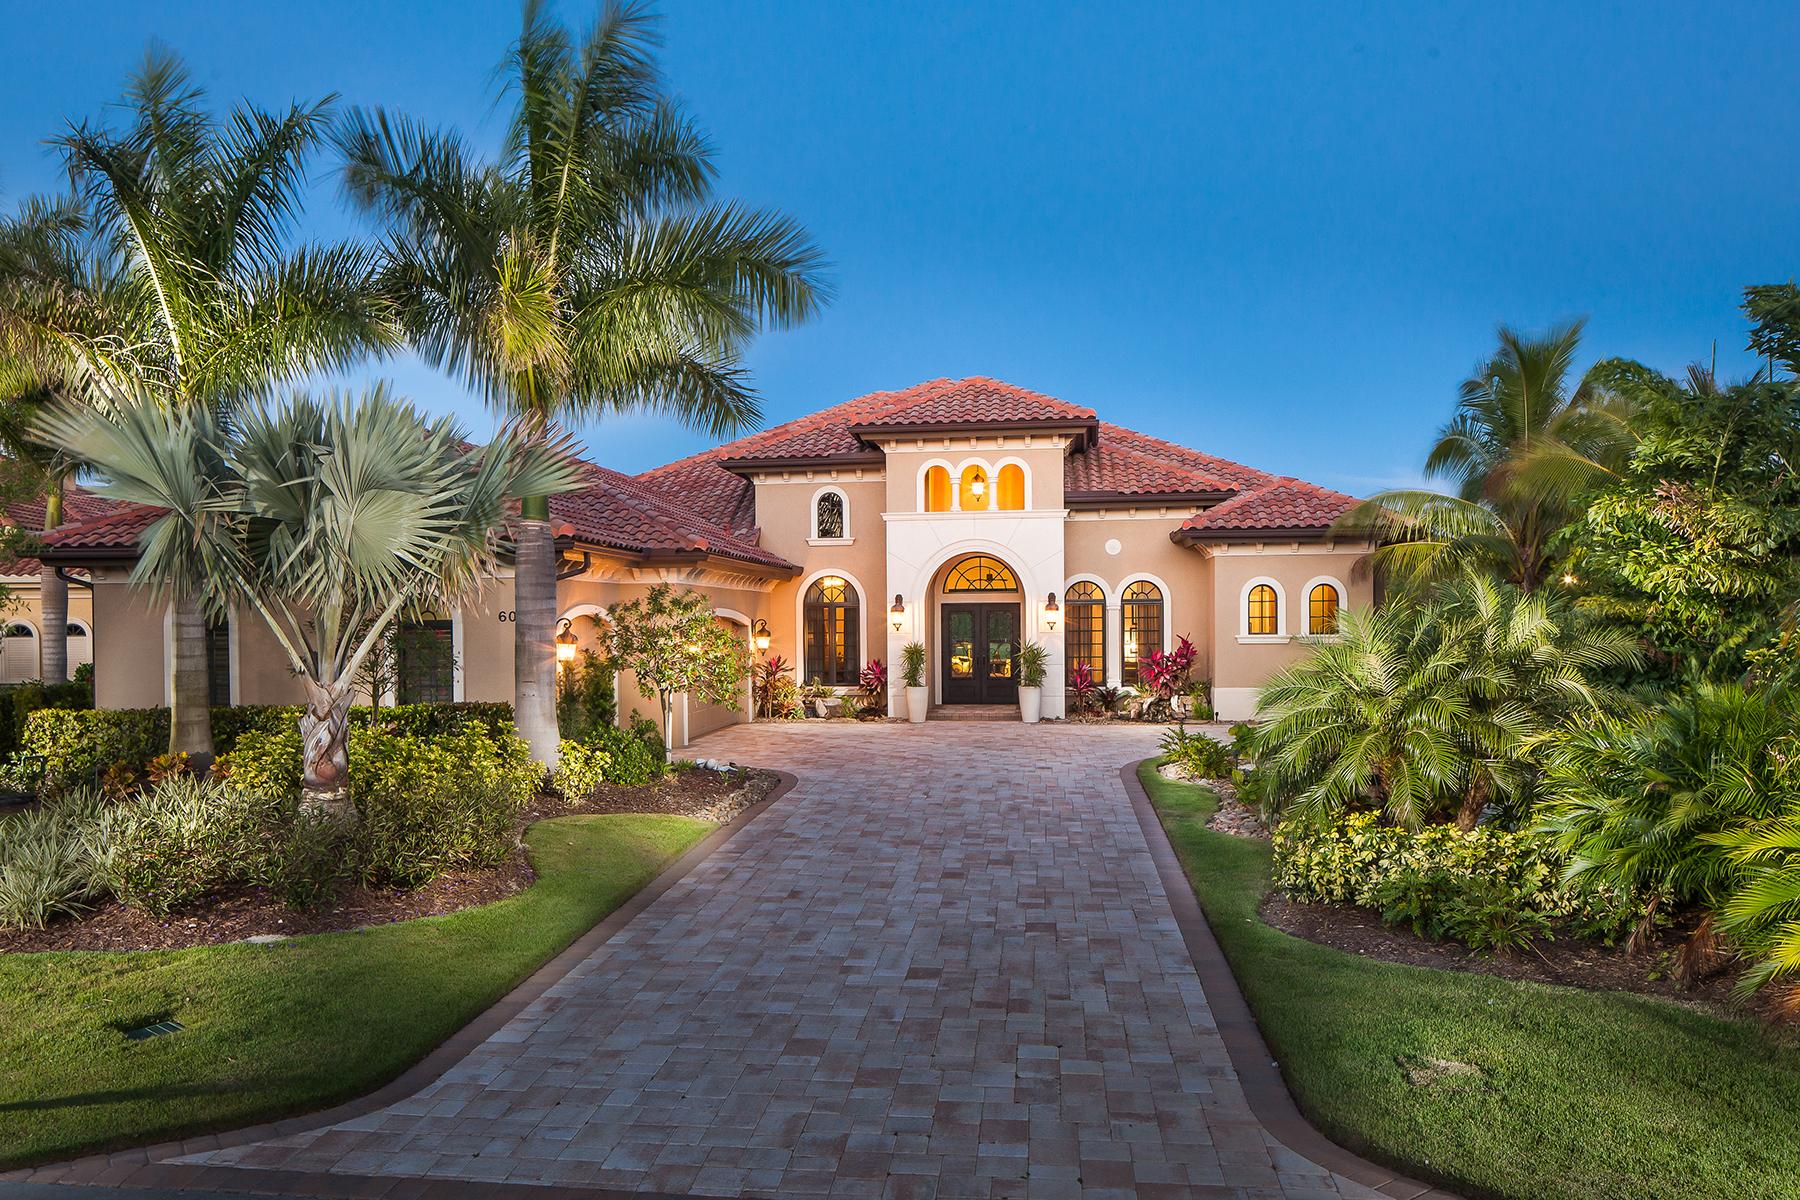 独户住宅 为 销售 在 QUAIL WEST 6072 Sunnyslope Dr 那不勒斯, 佛罗里达州, 34119 美国